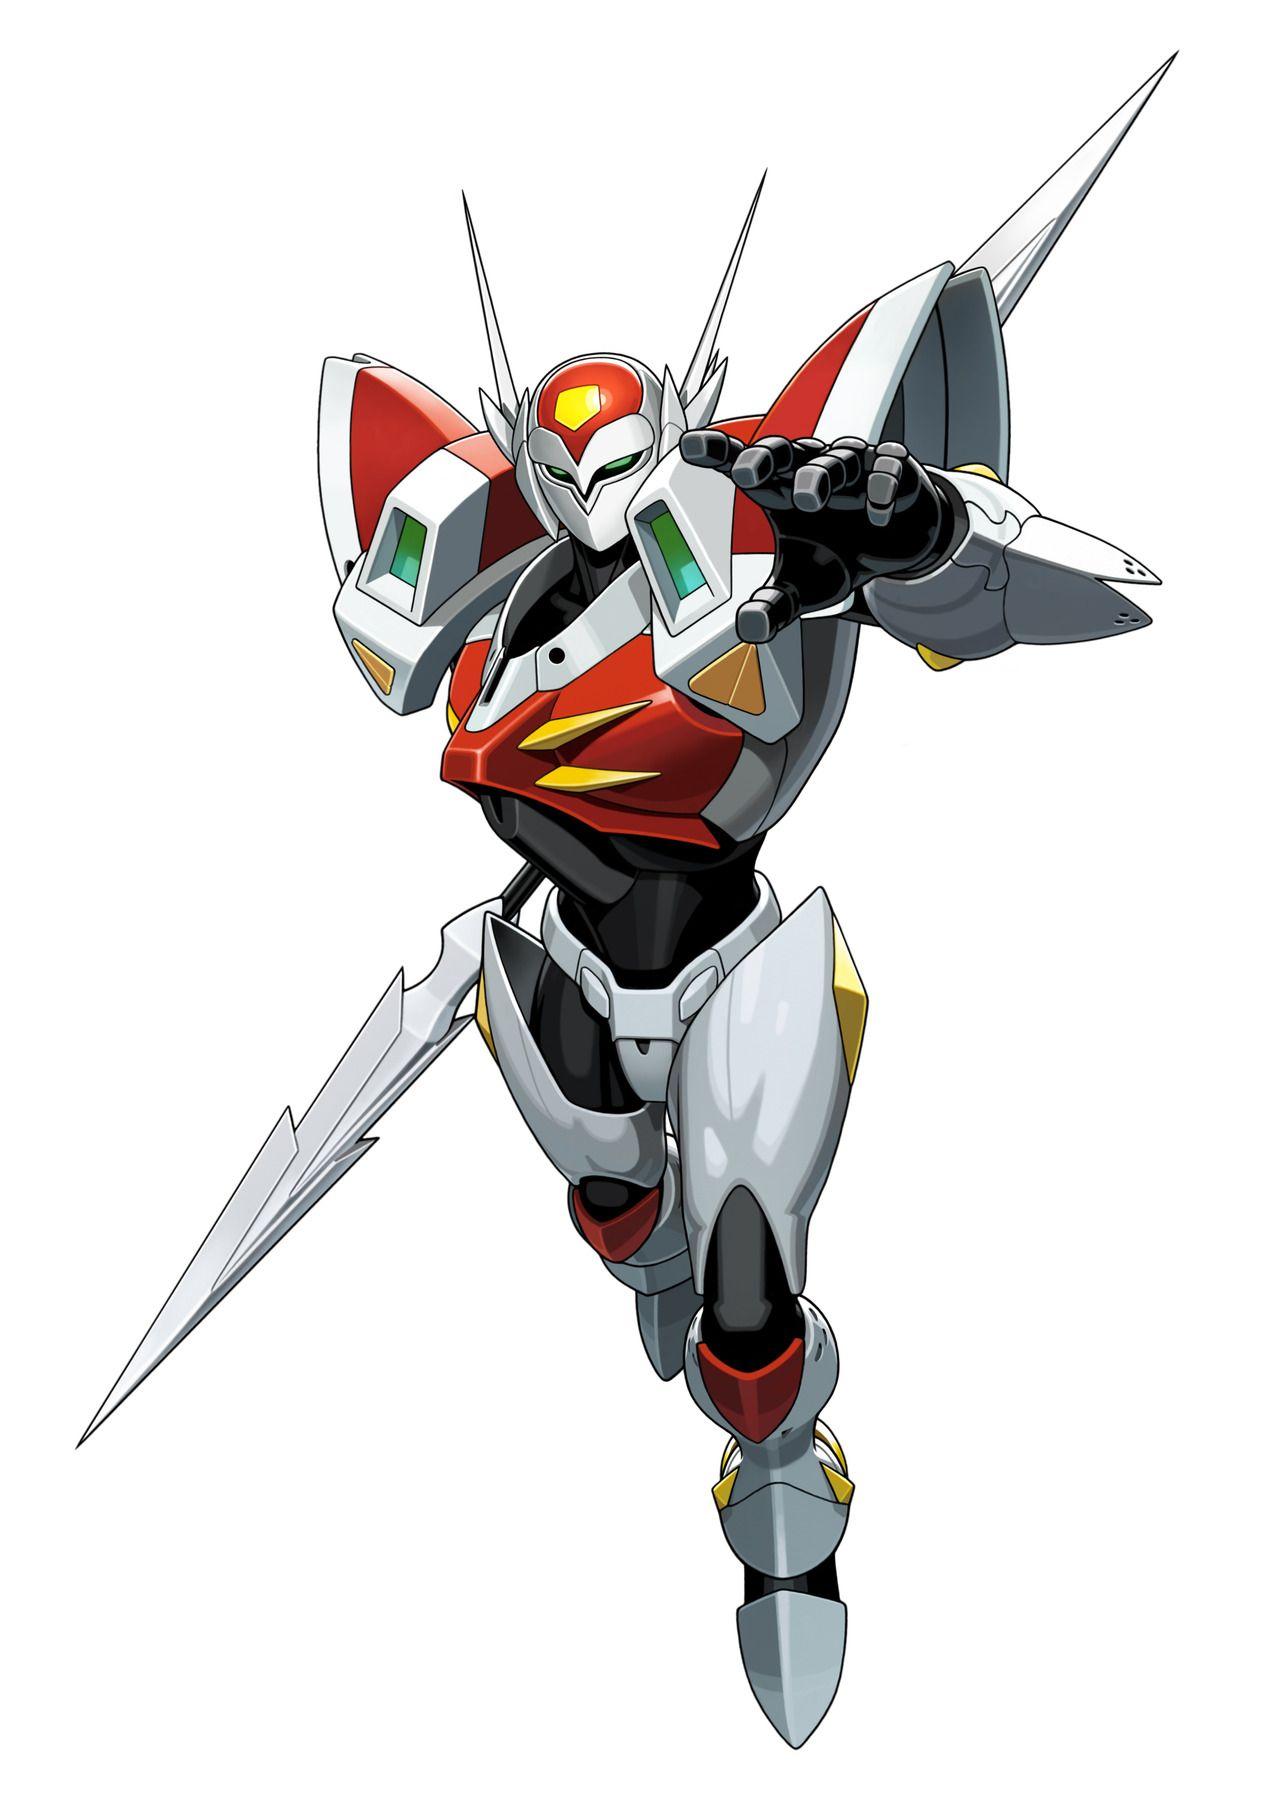 Tekkaman Blade Tatsunoko vs Wiki Wikia